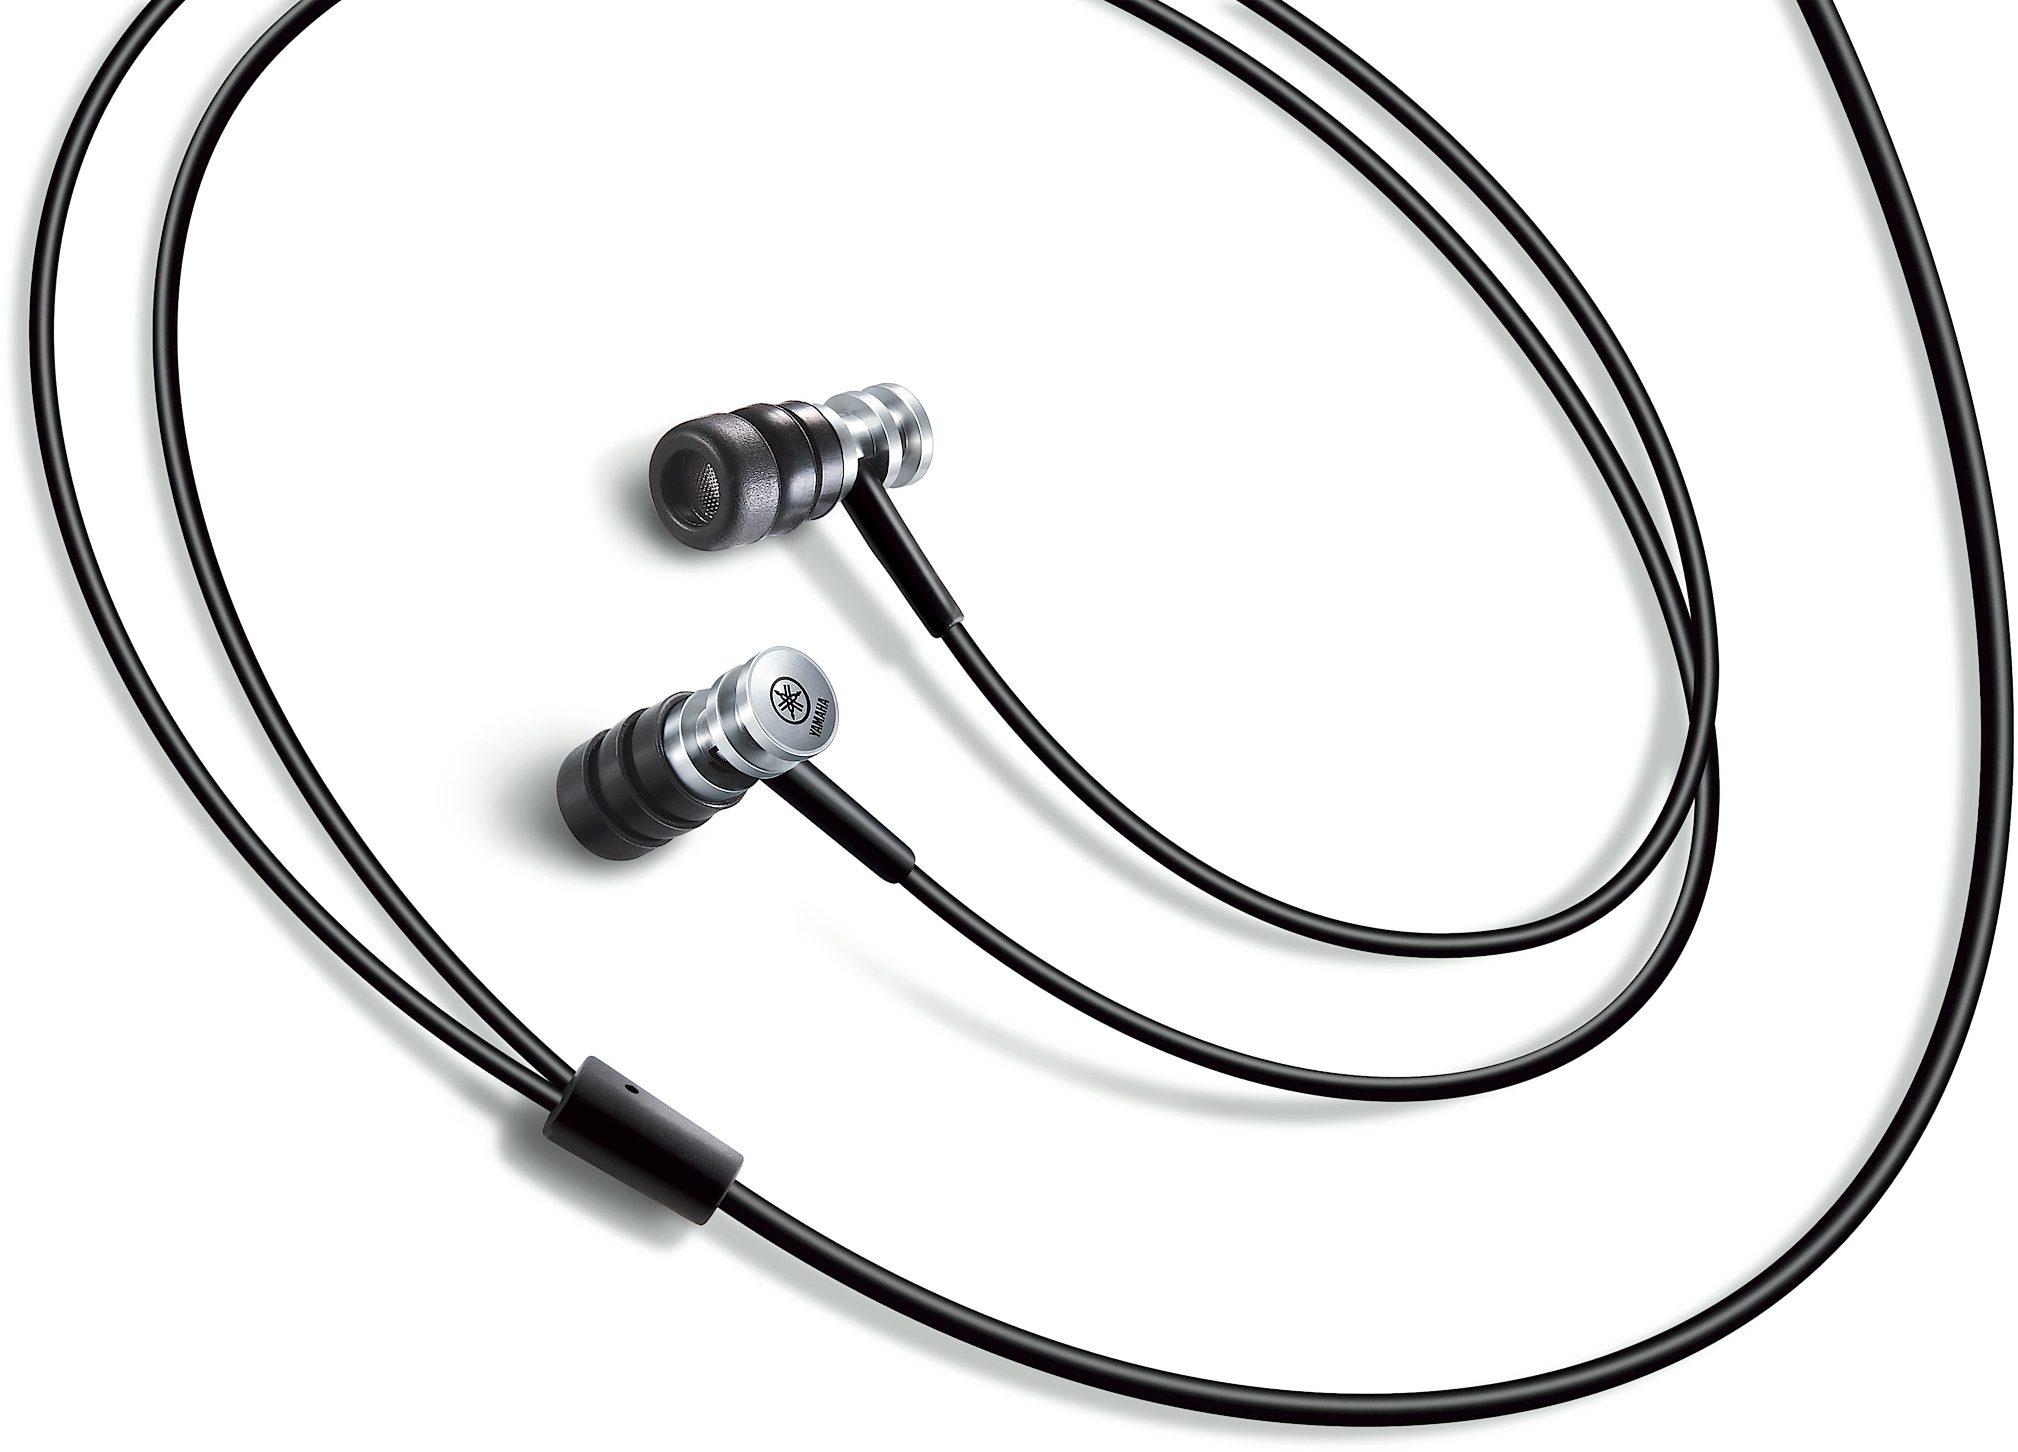 Yamaha Eph 100 Earphones